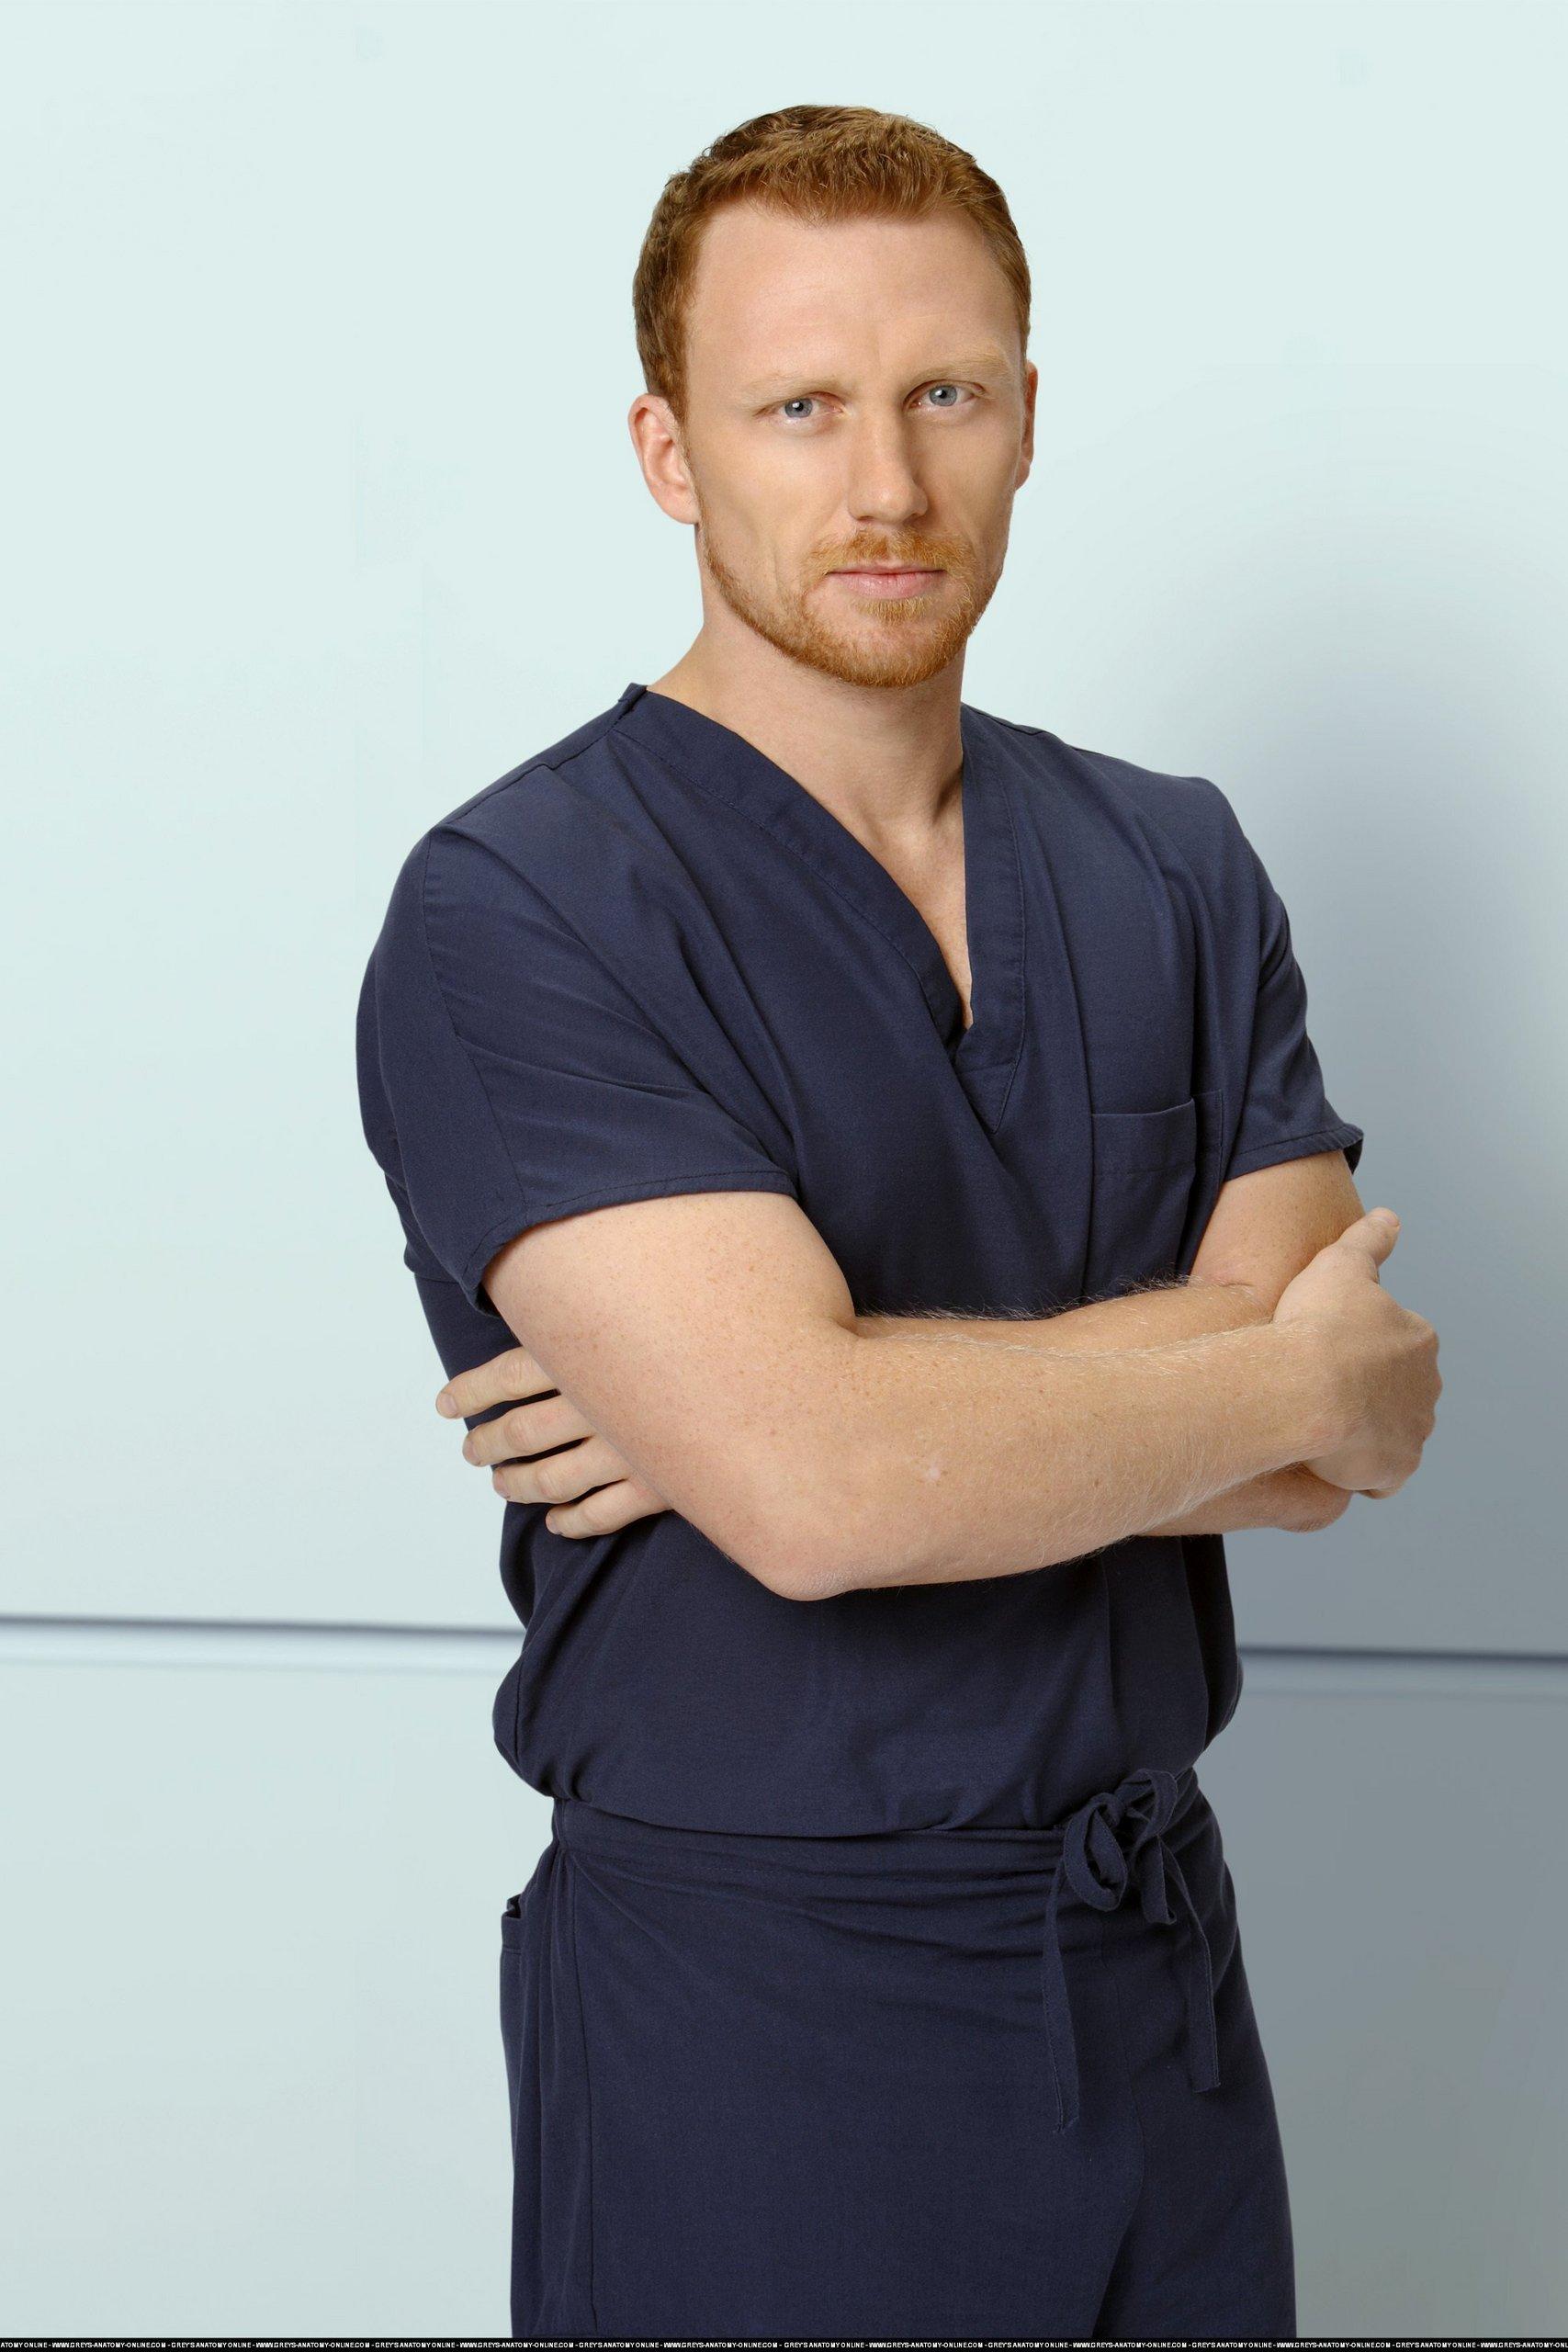 Fein Greys Anatomy Online Bilder Menschliche Anatomie Bilder